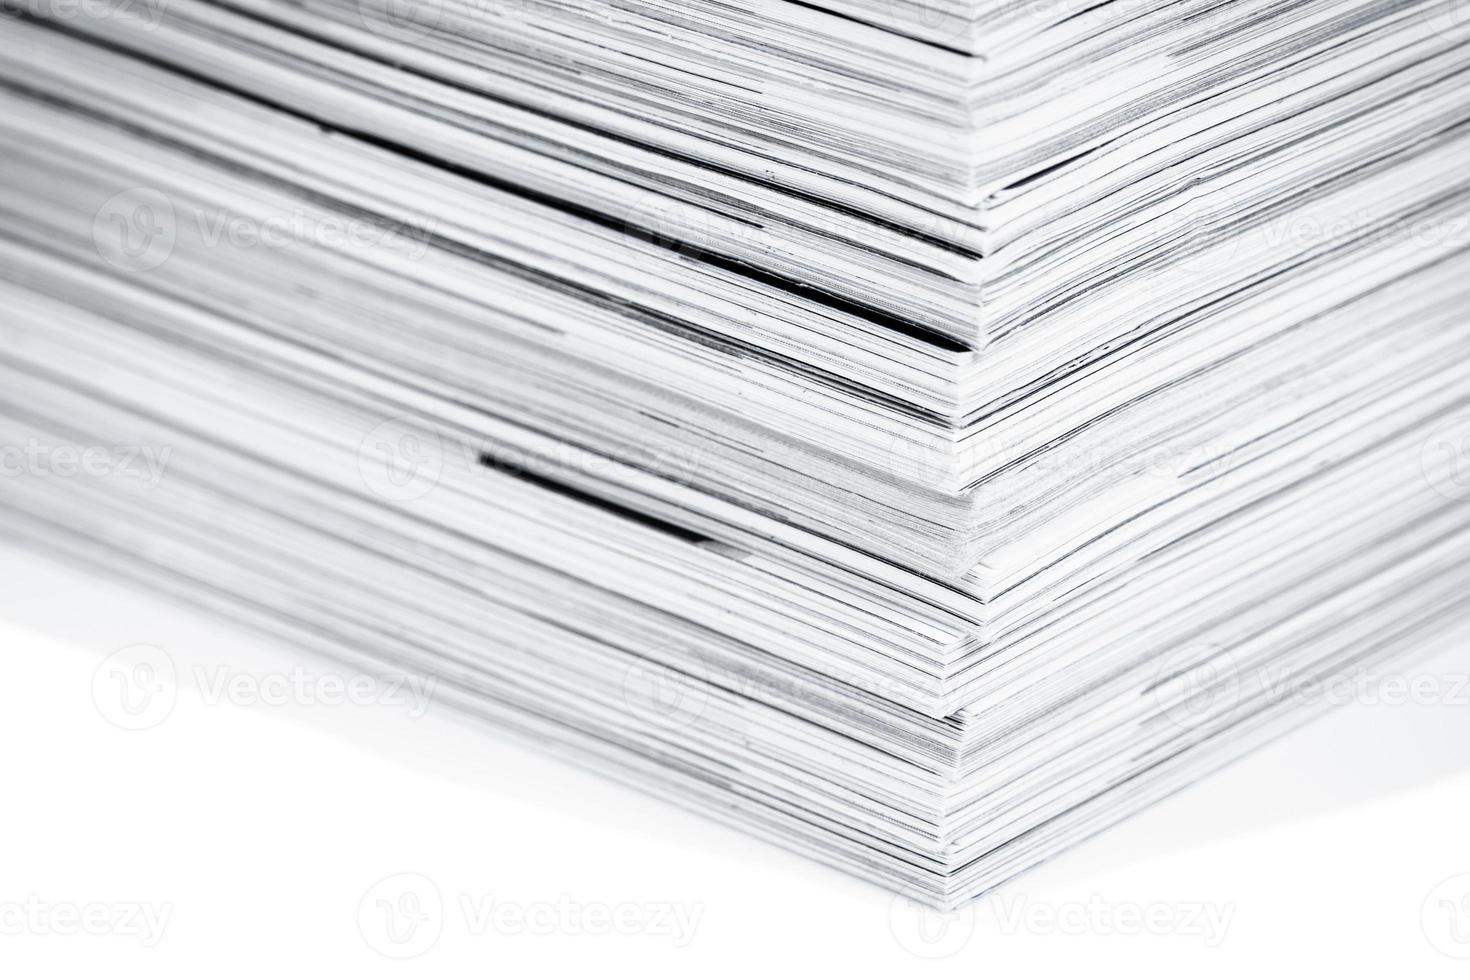 páginas de revistas de perto foto